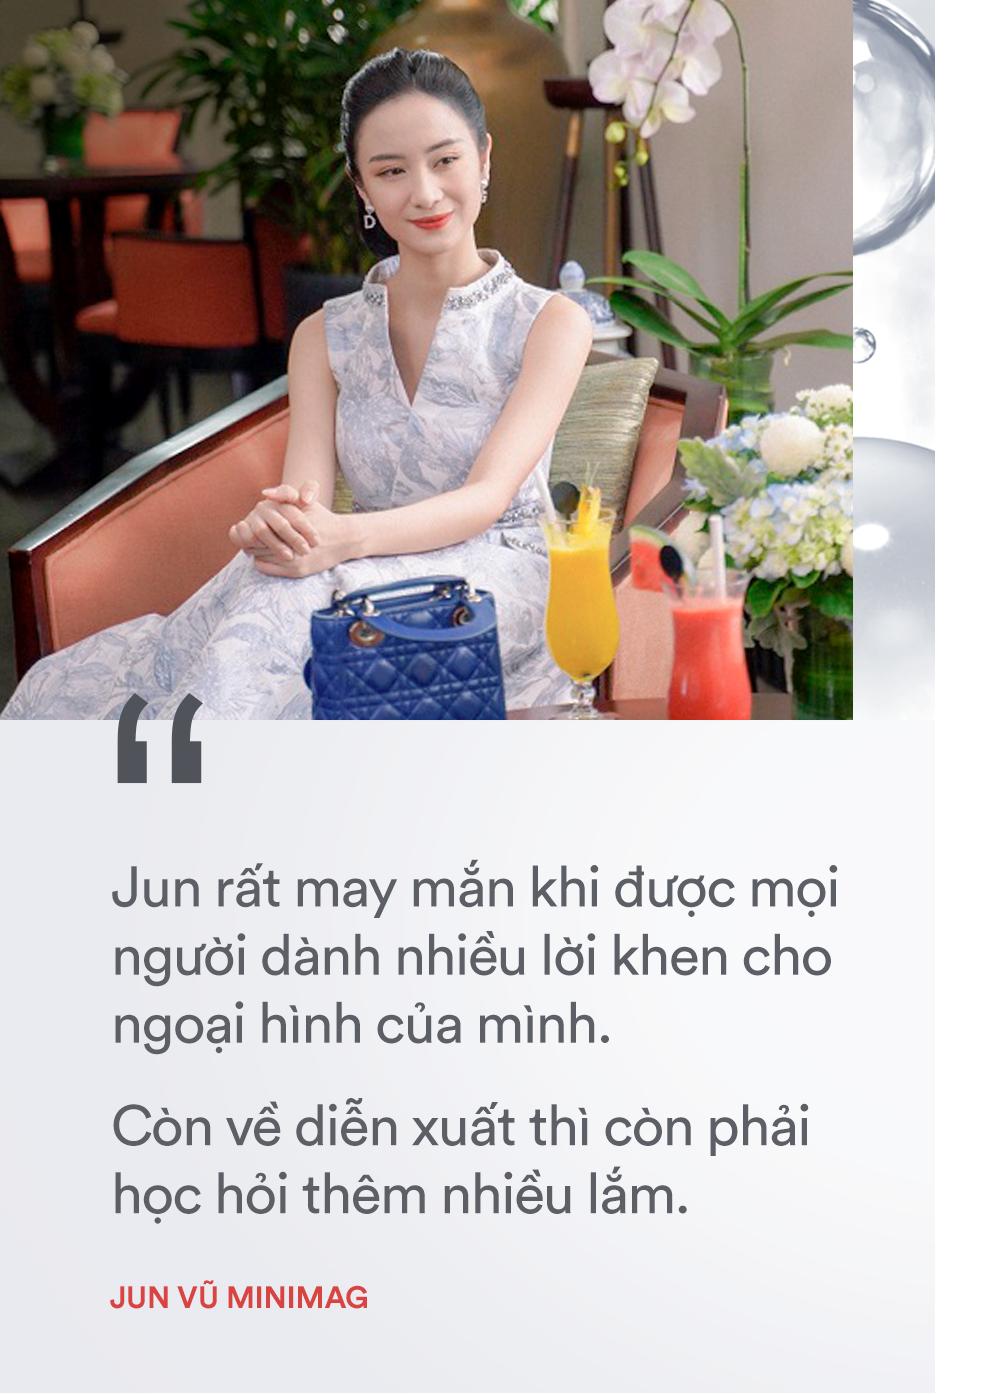 """Jun Vũ: Đẹp không phải là tất cả, nhưng chắc chắn là một lợi thế lớn với tôi!"""" - Ảnh 2."""